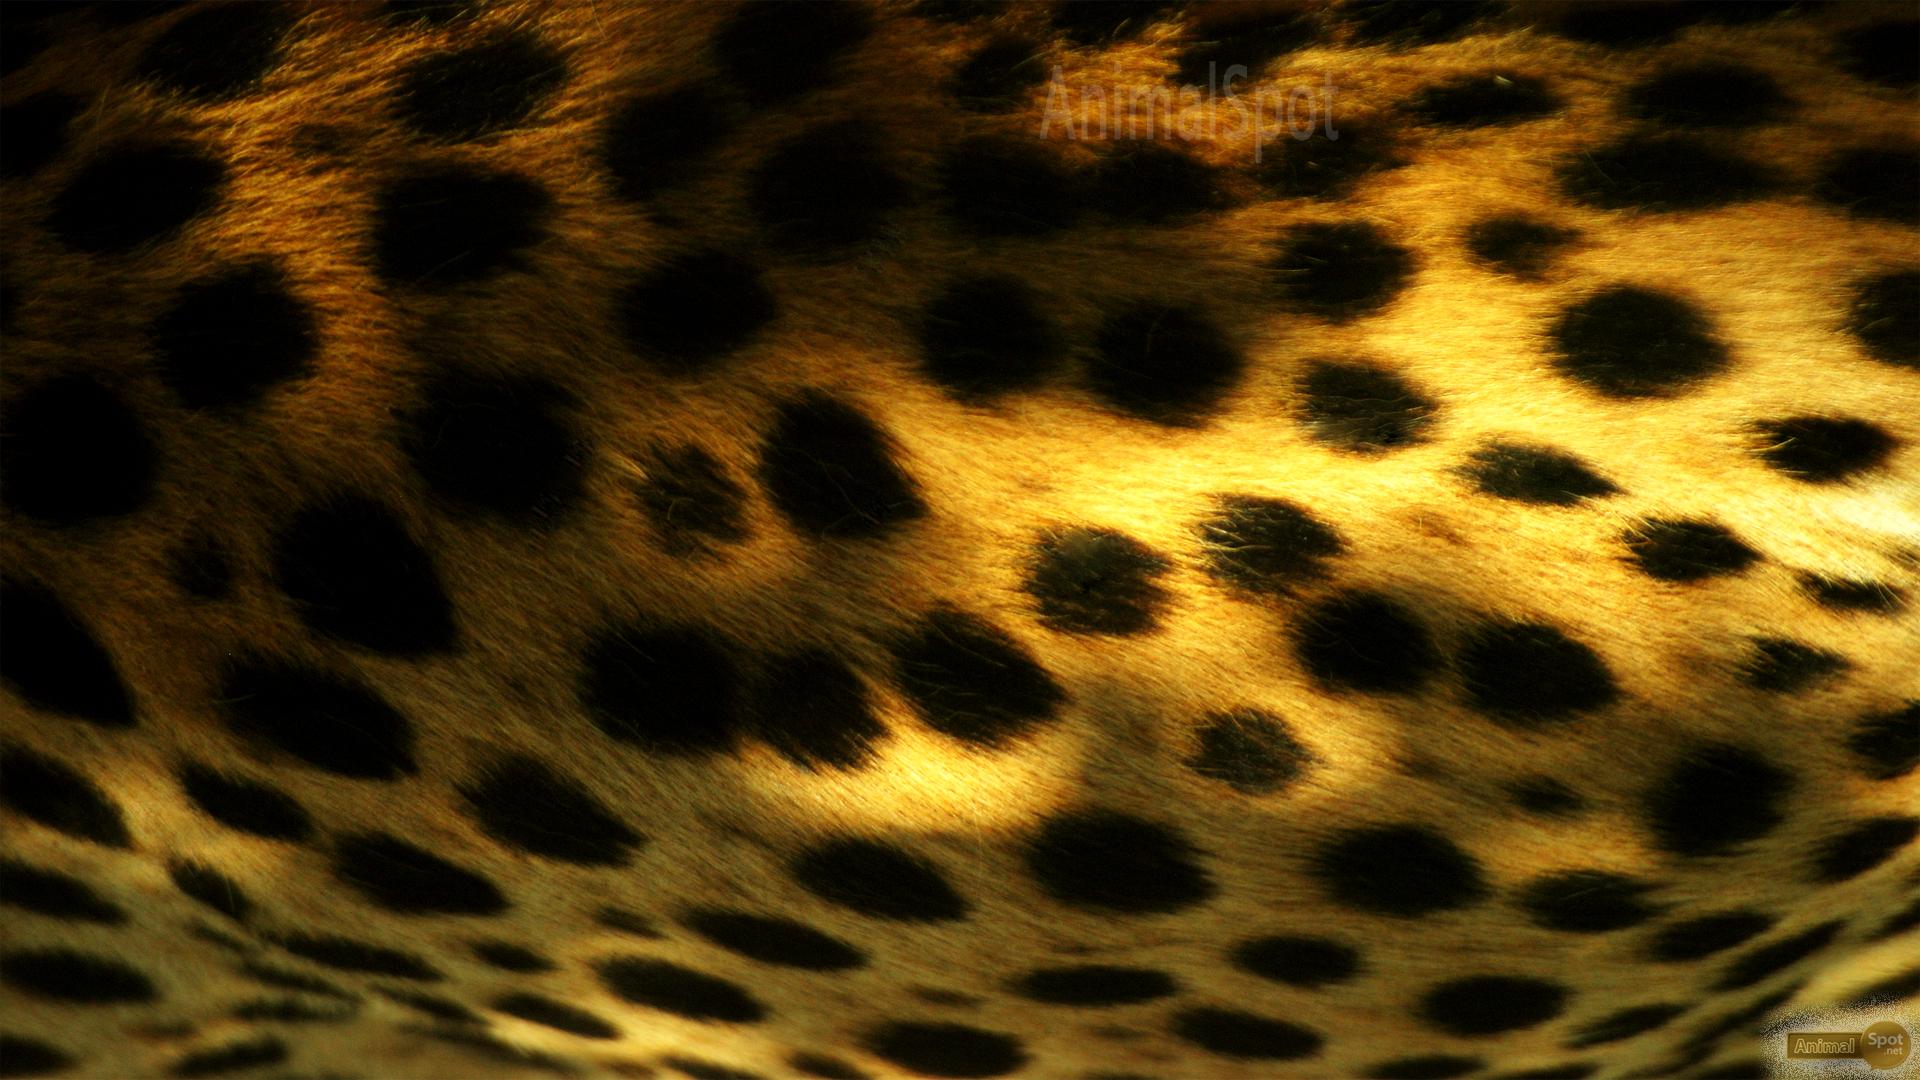 Cheetah wallpaper wallpapers 1422988 for Printed wallpaper